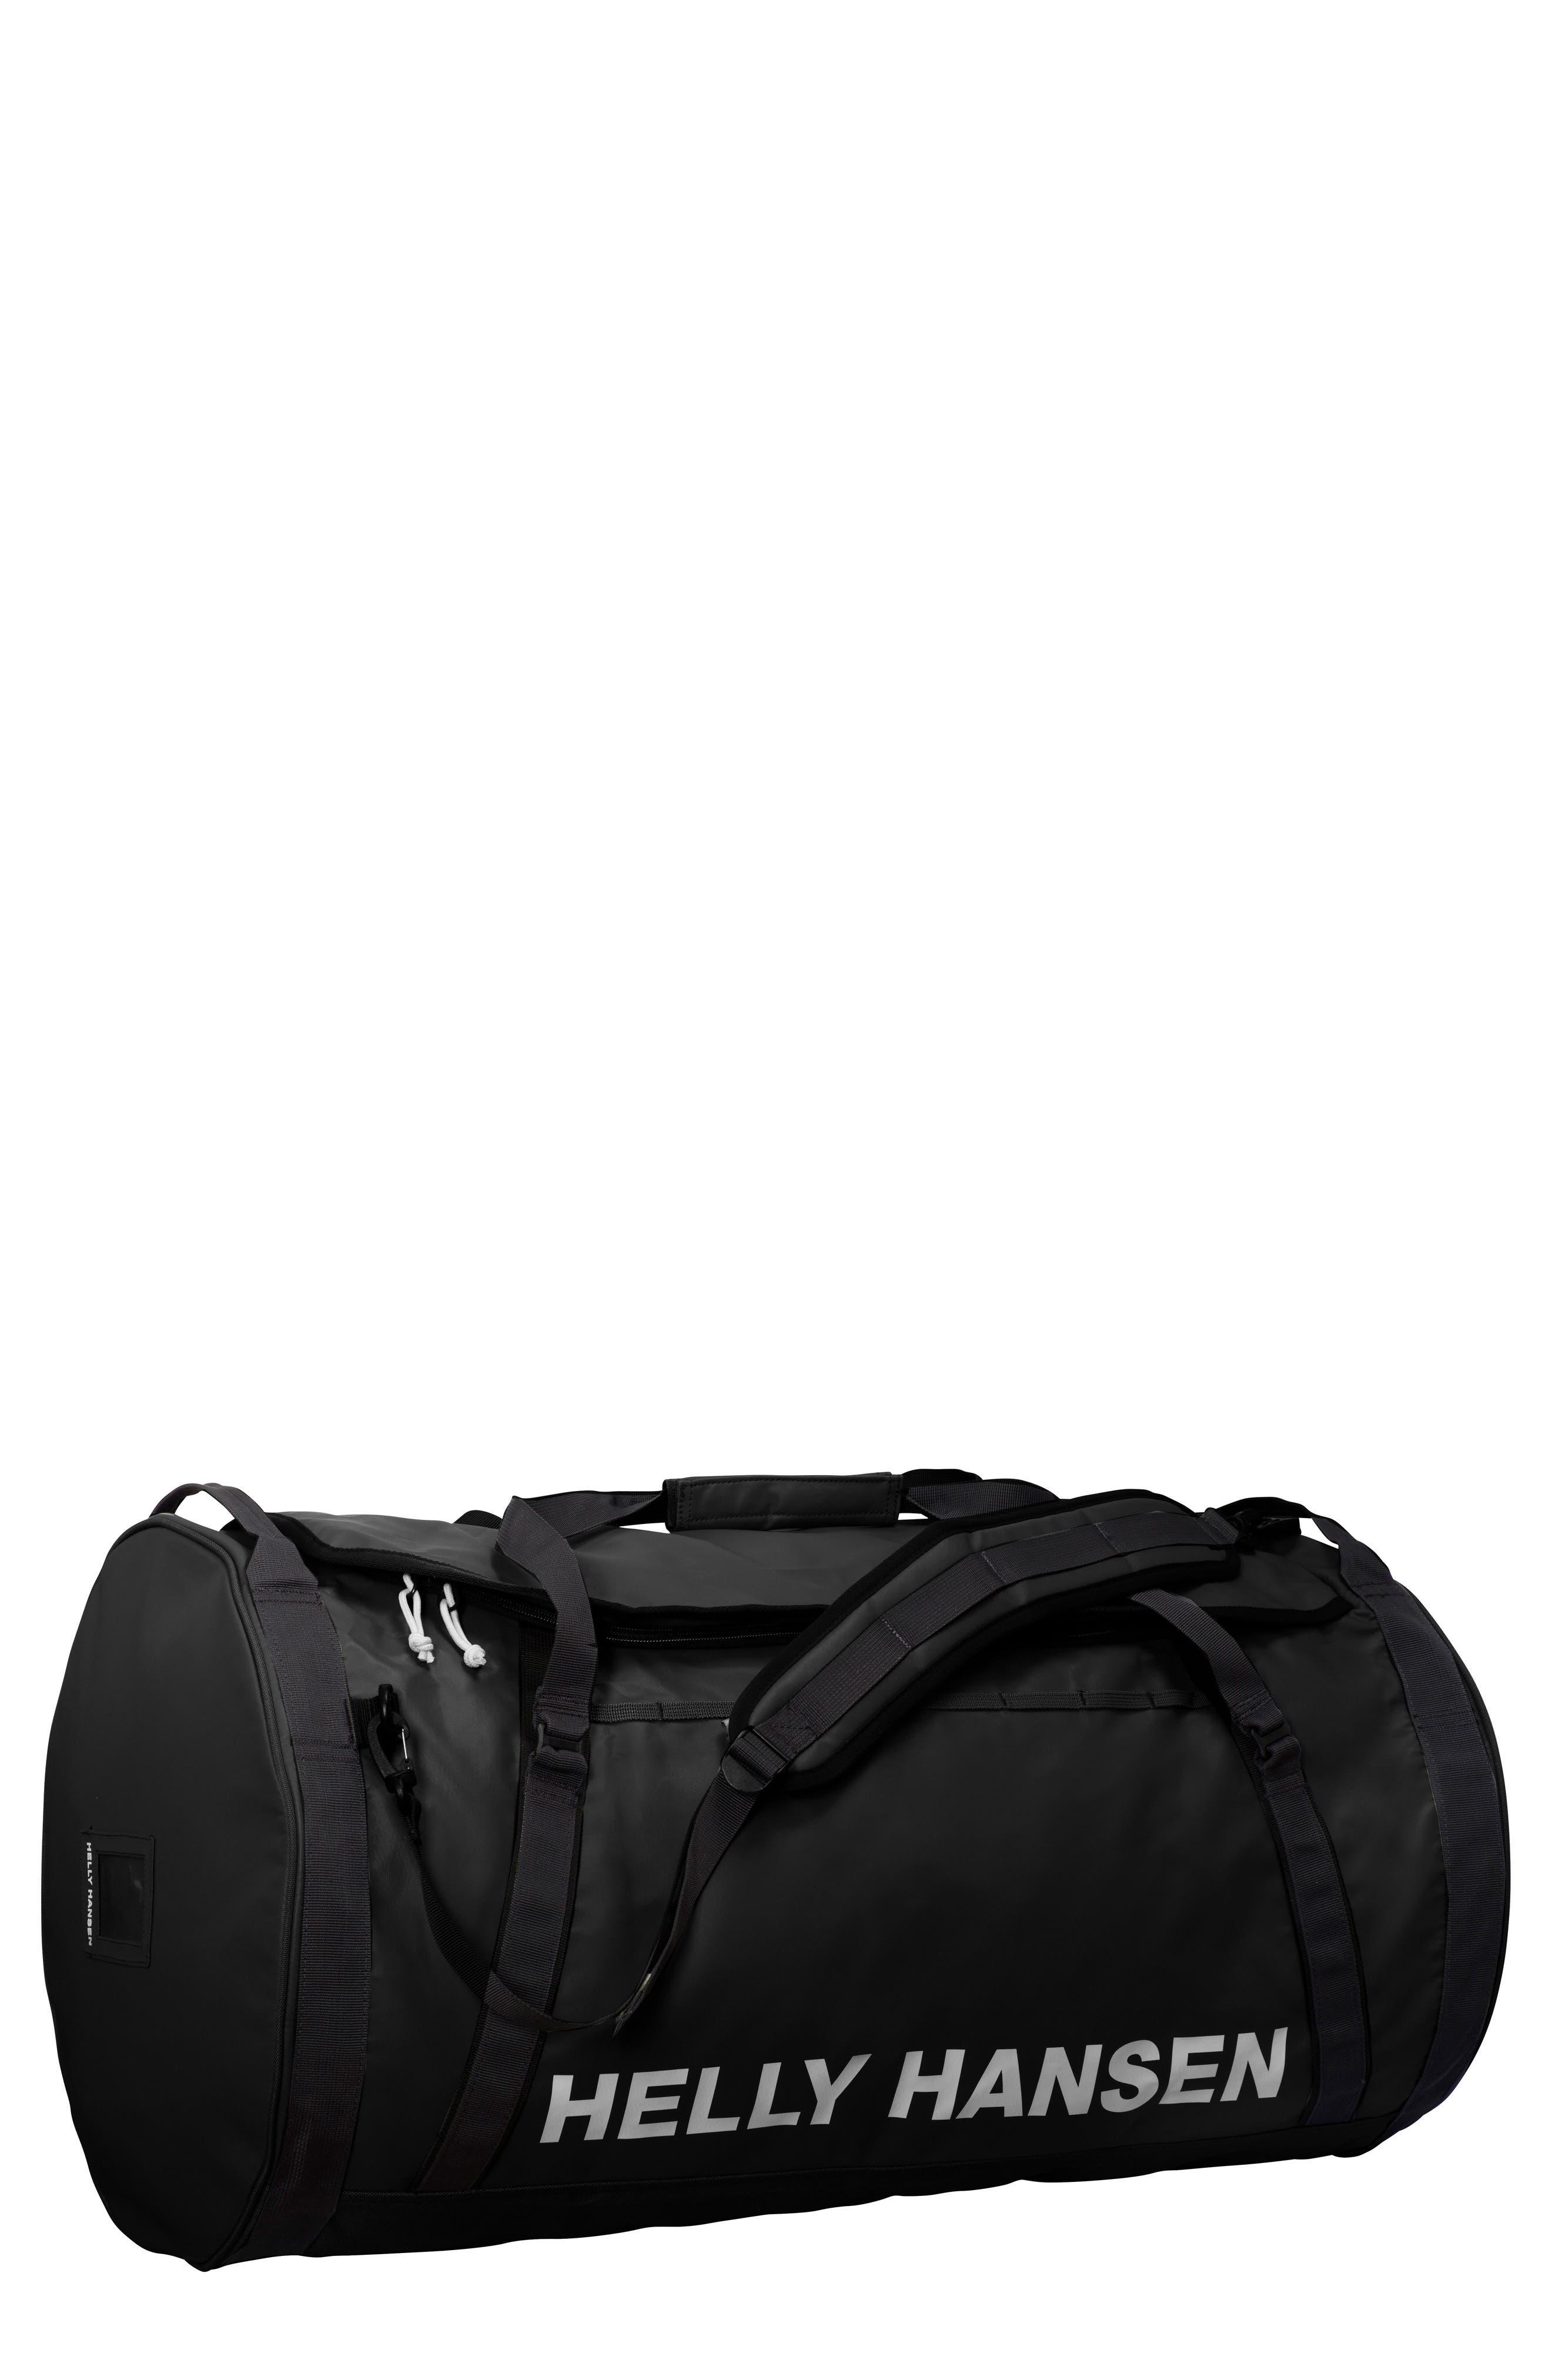 30-Liter Duffel Bag